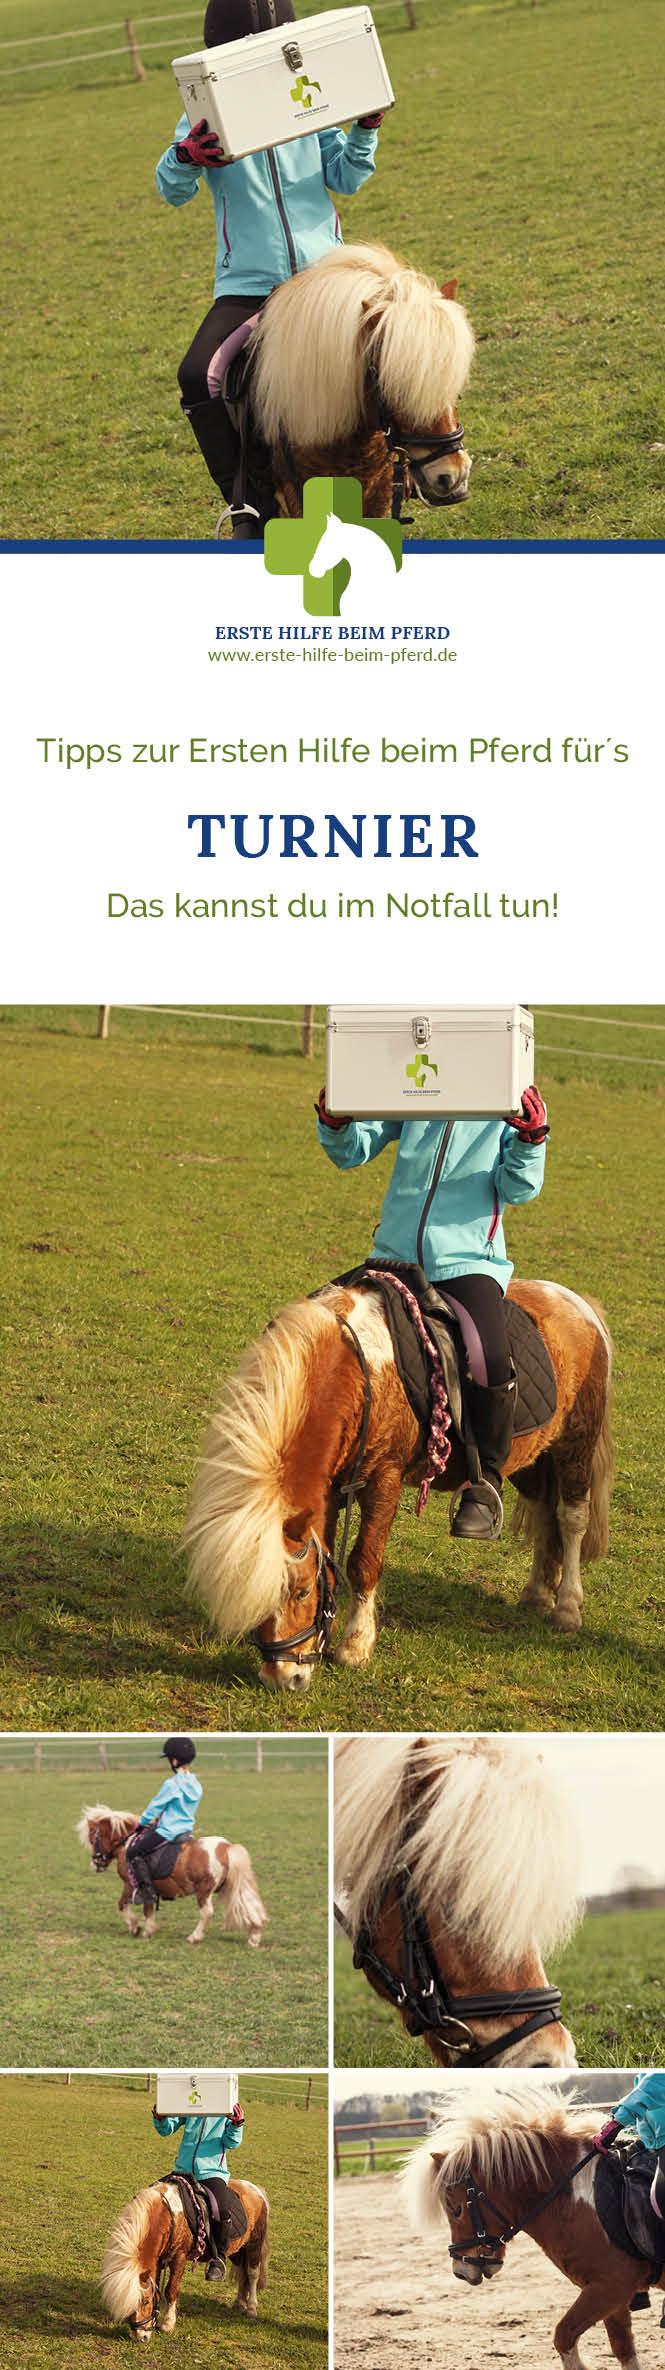 Tipps zur Ersten Hilfe beim Pferd für's Turnier